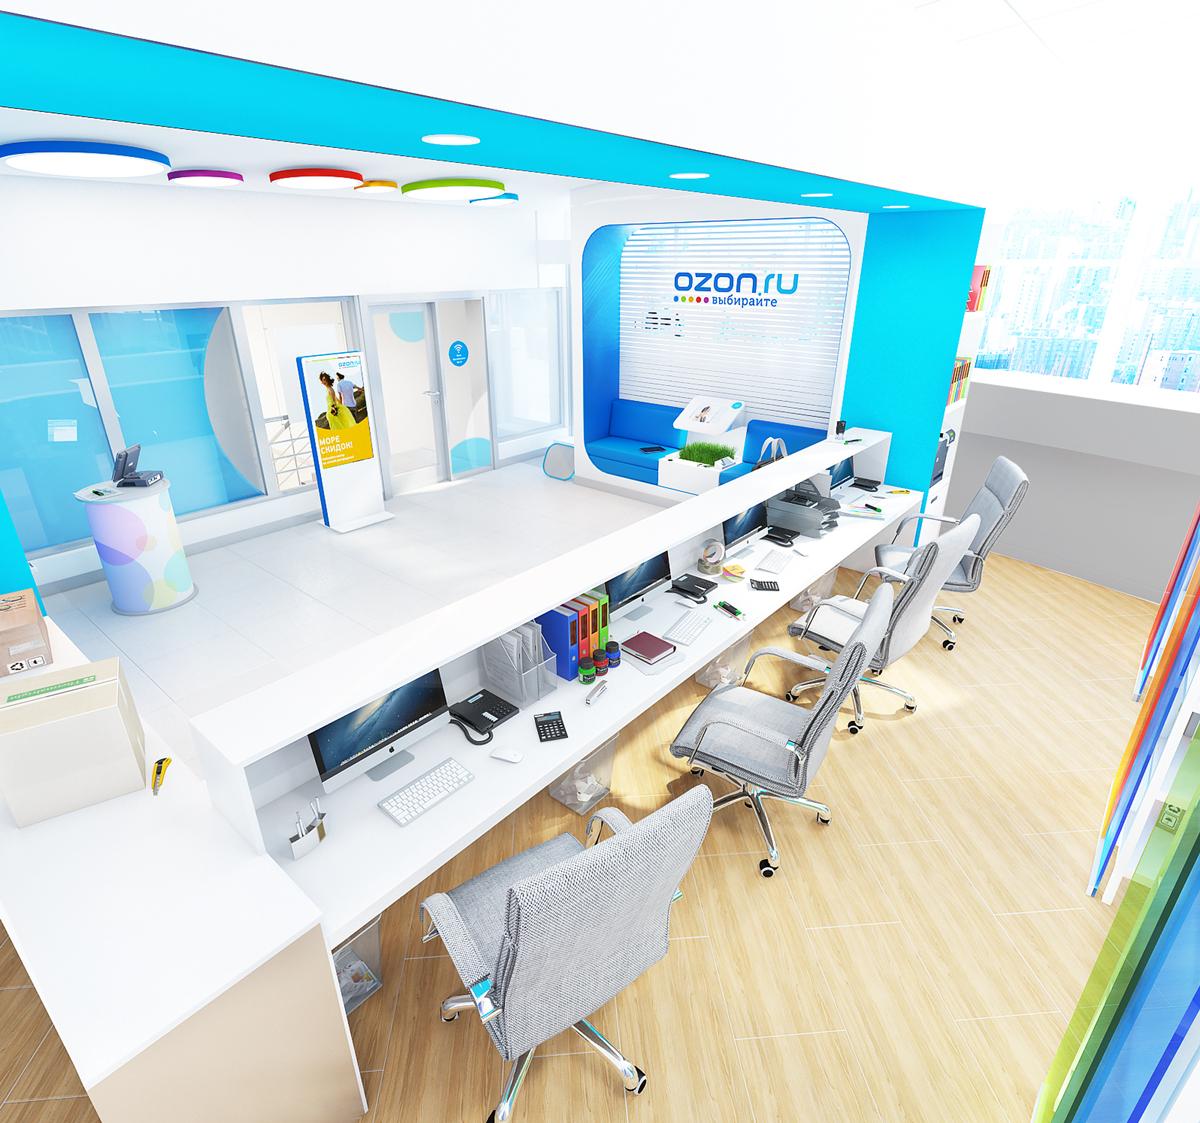 Комфортное и эргономичное рабочее пространство сотрудников OZON.RU